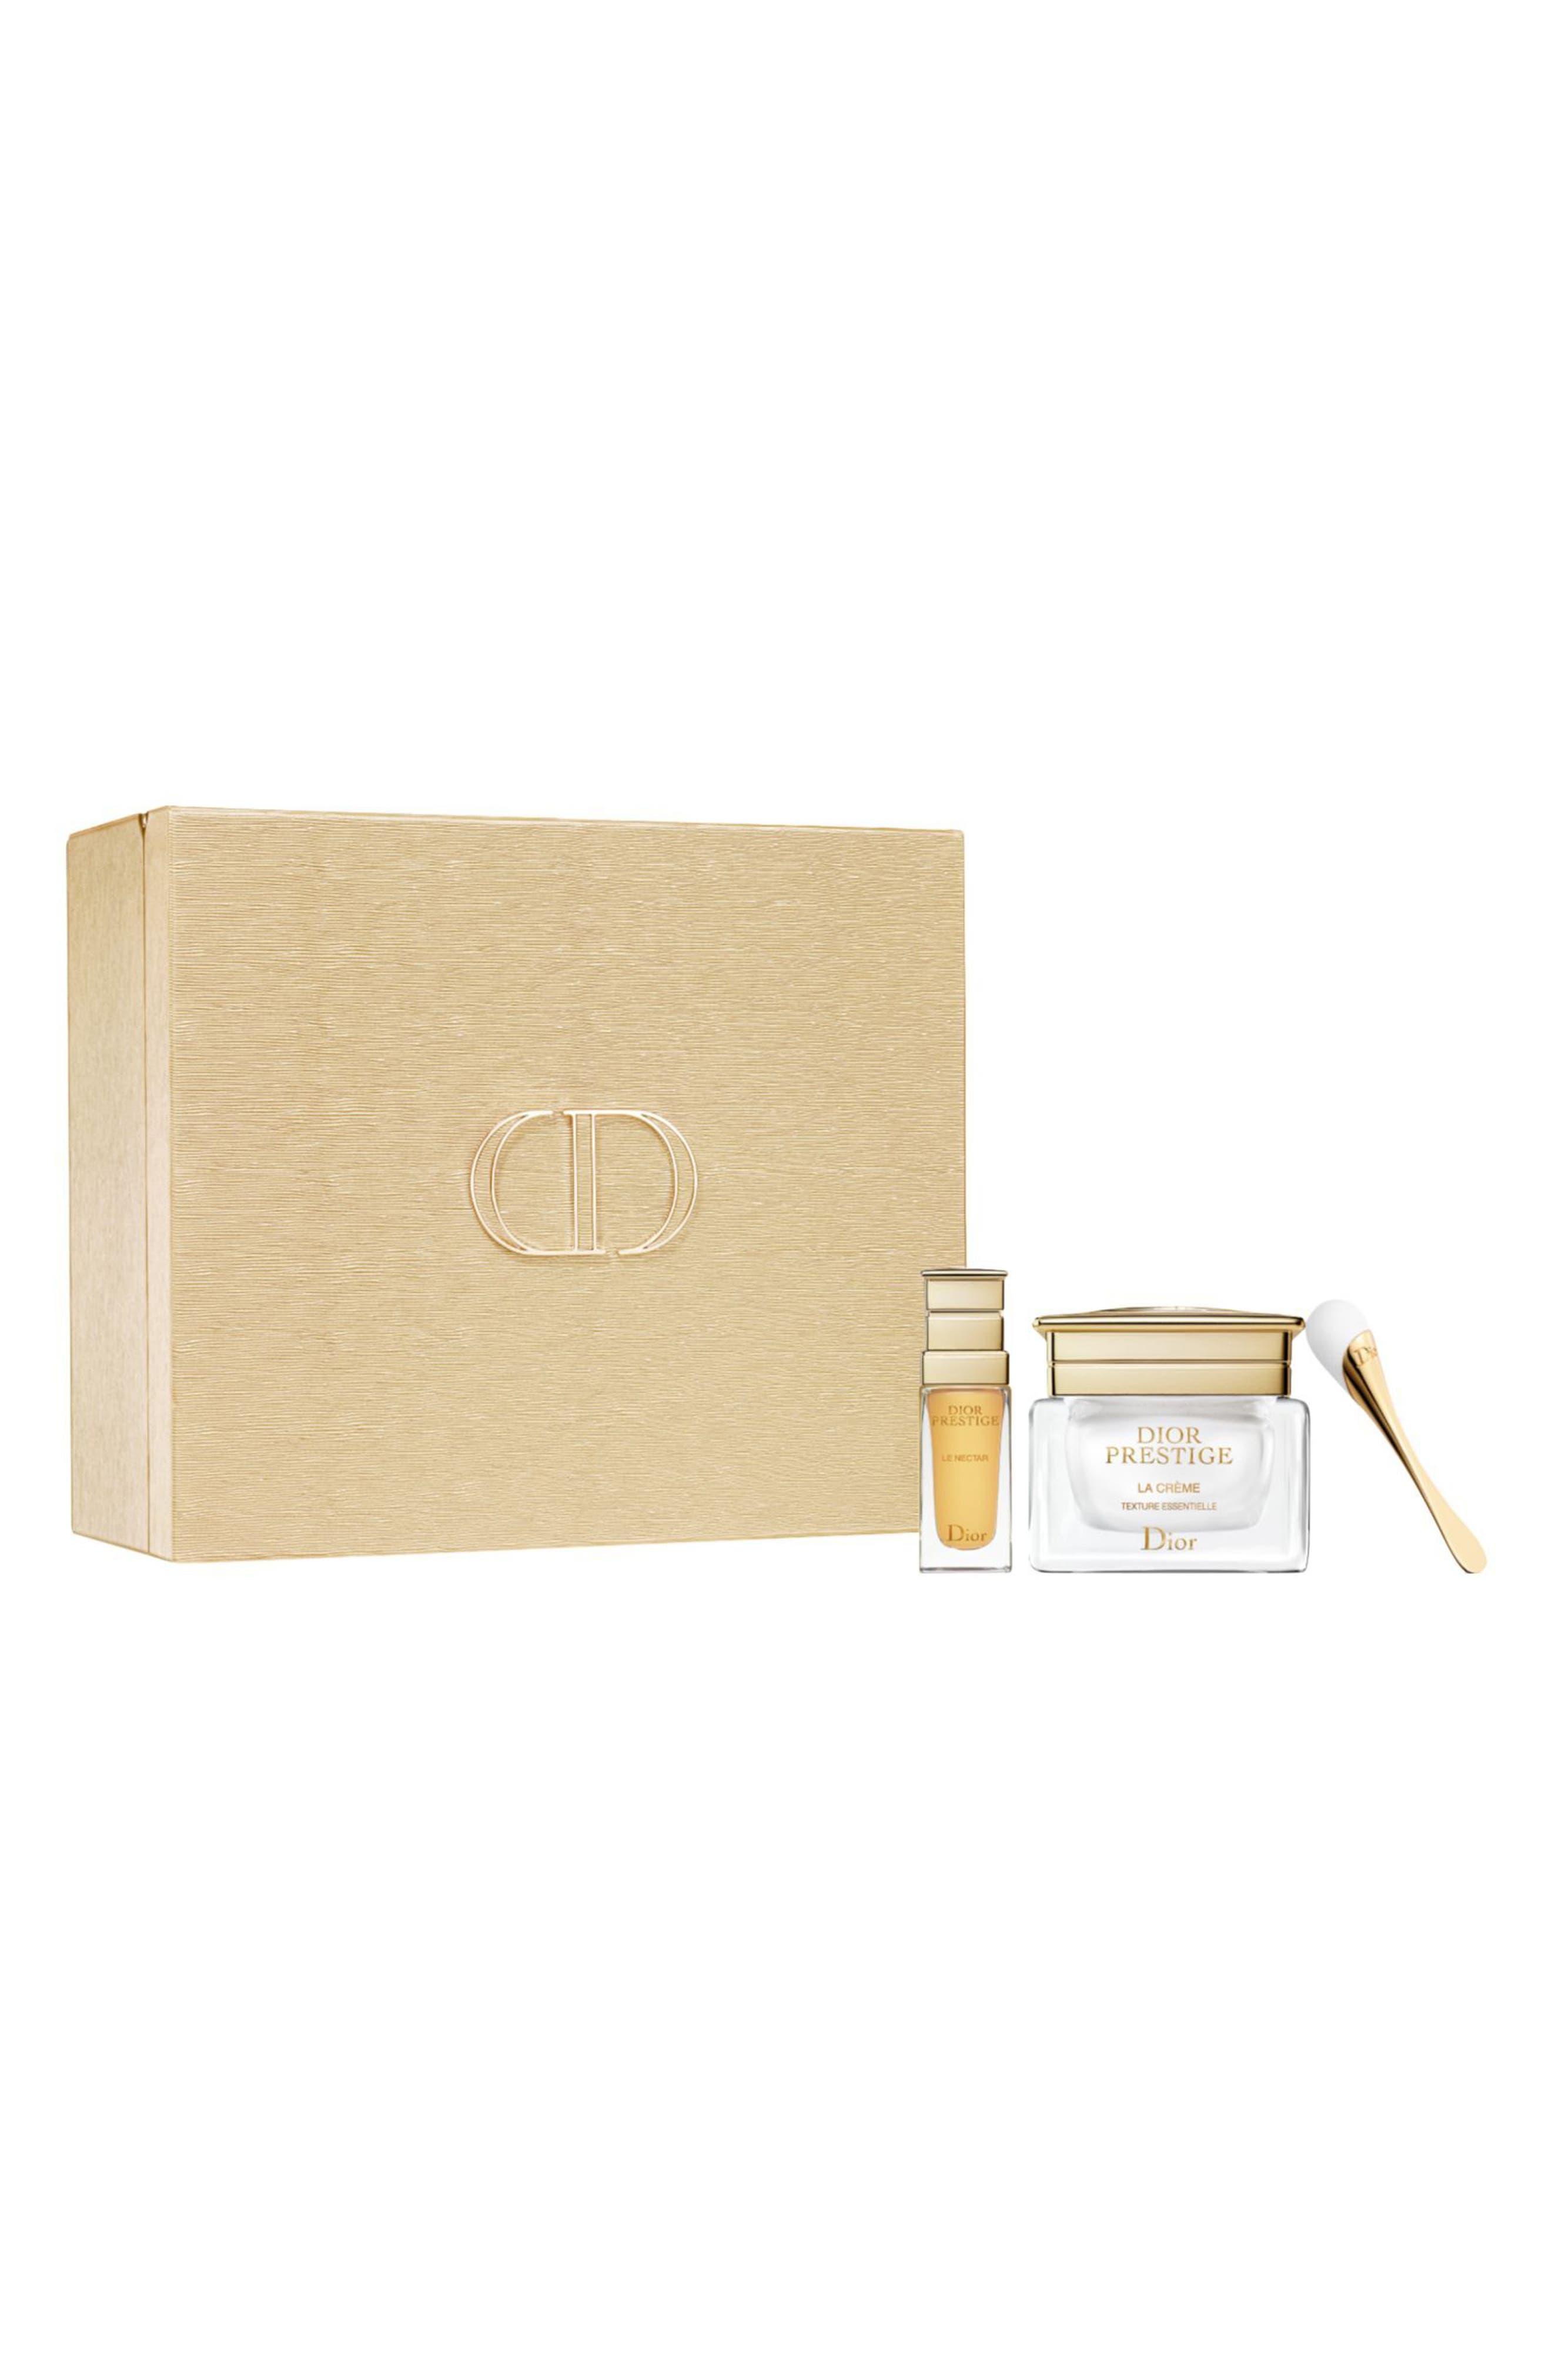 Dior Prestige Crème Set ($553 Value)